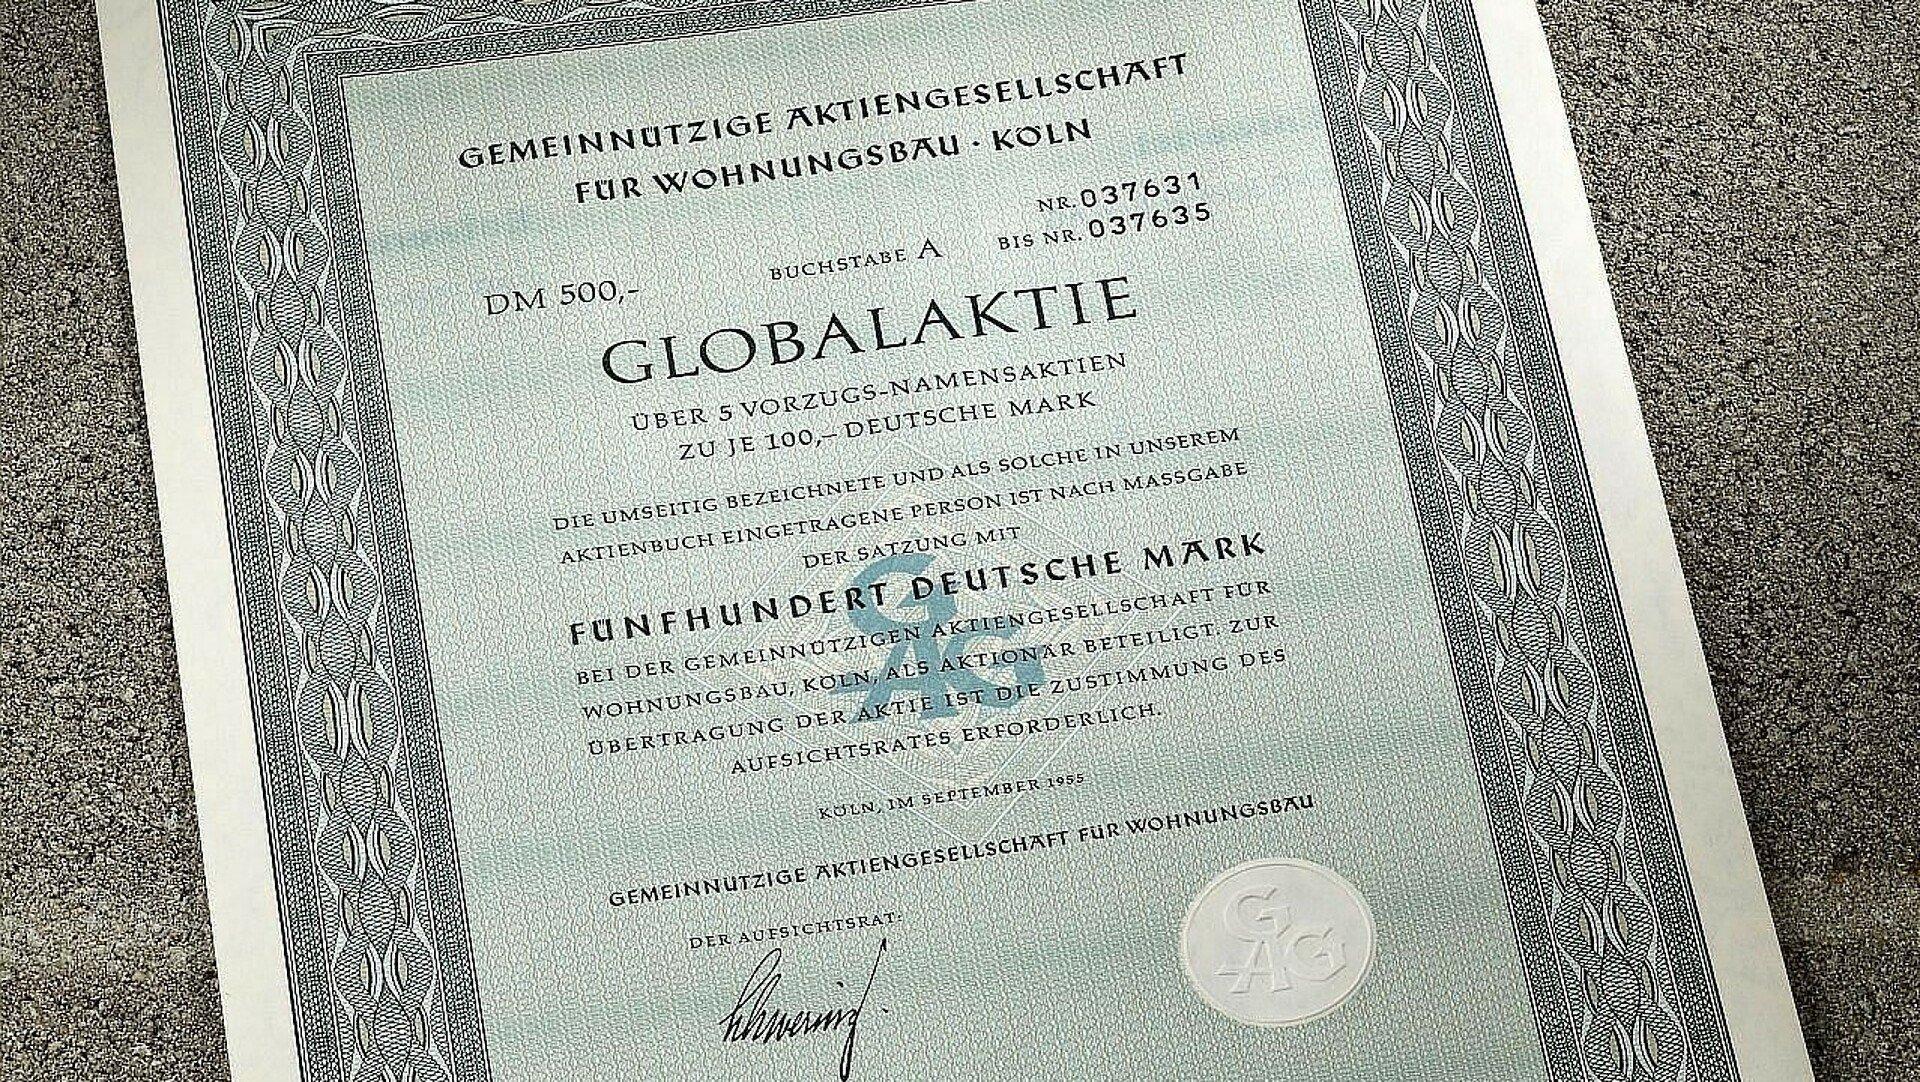 Globalaktie der GAG Immobilien AG